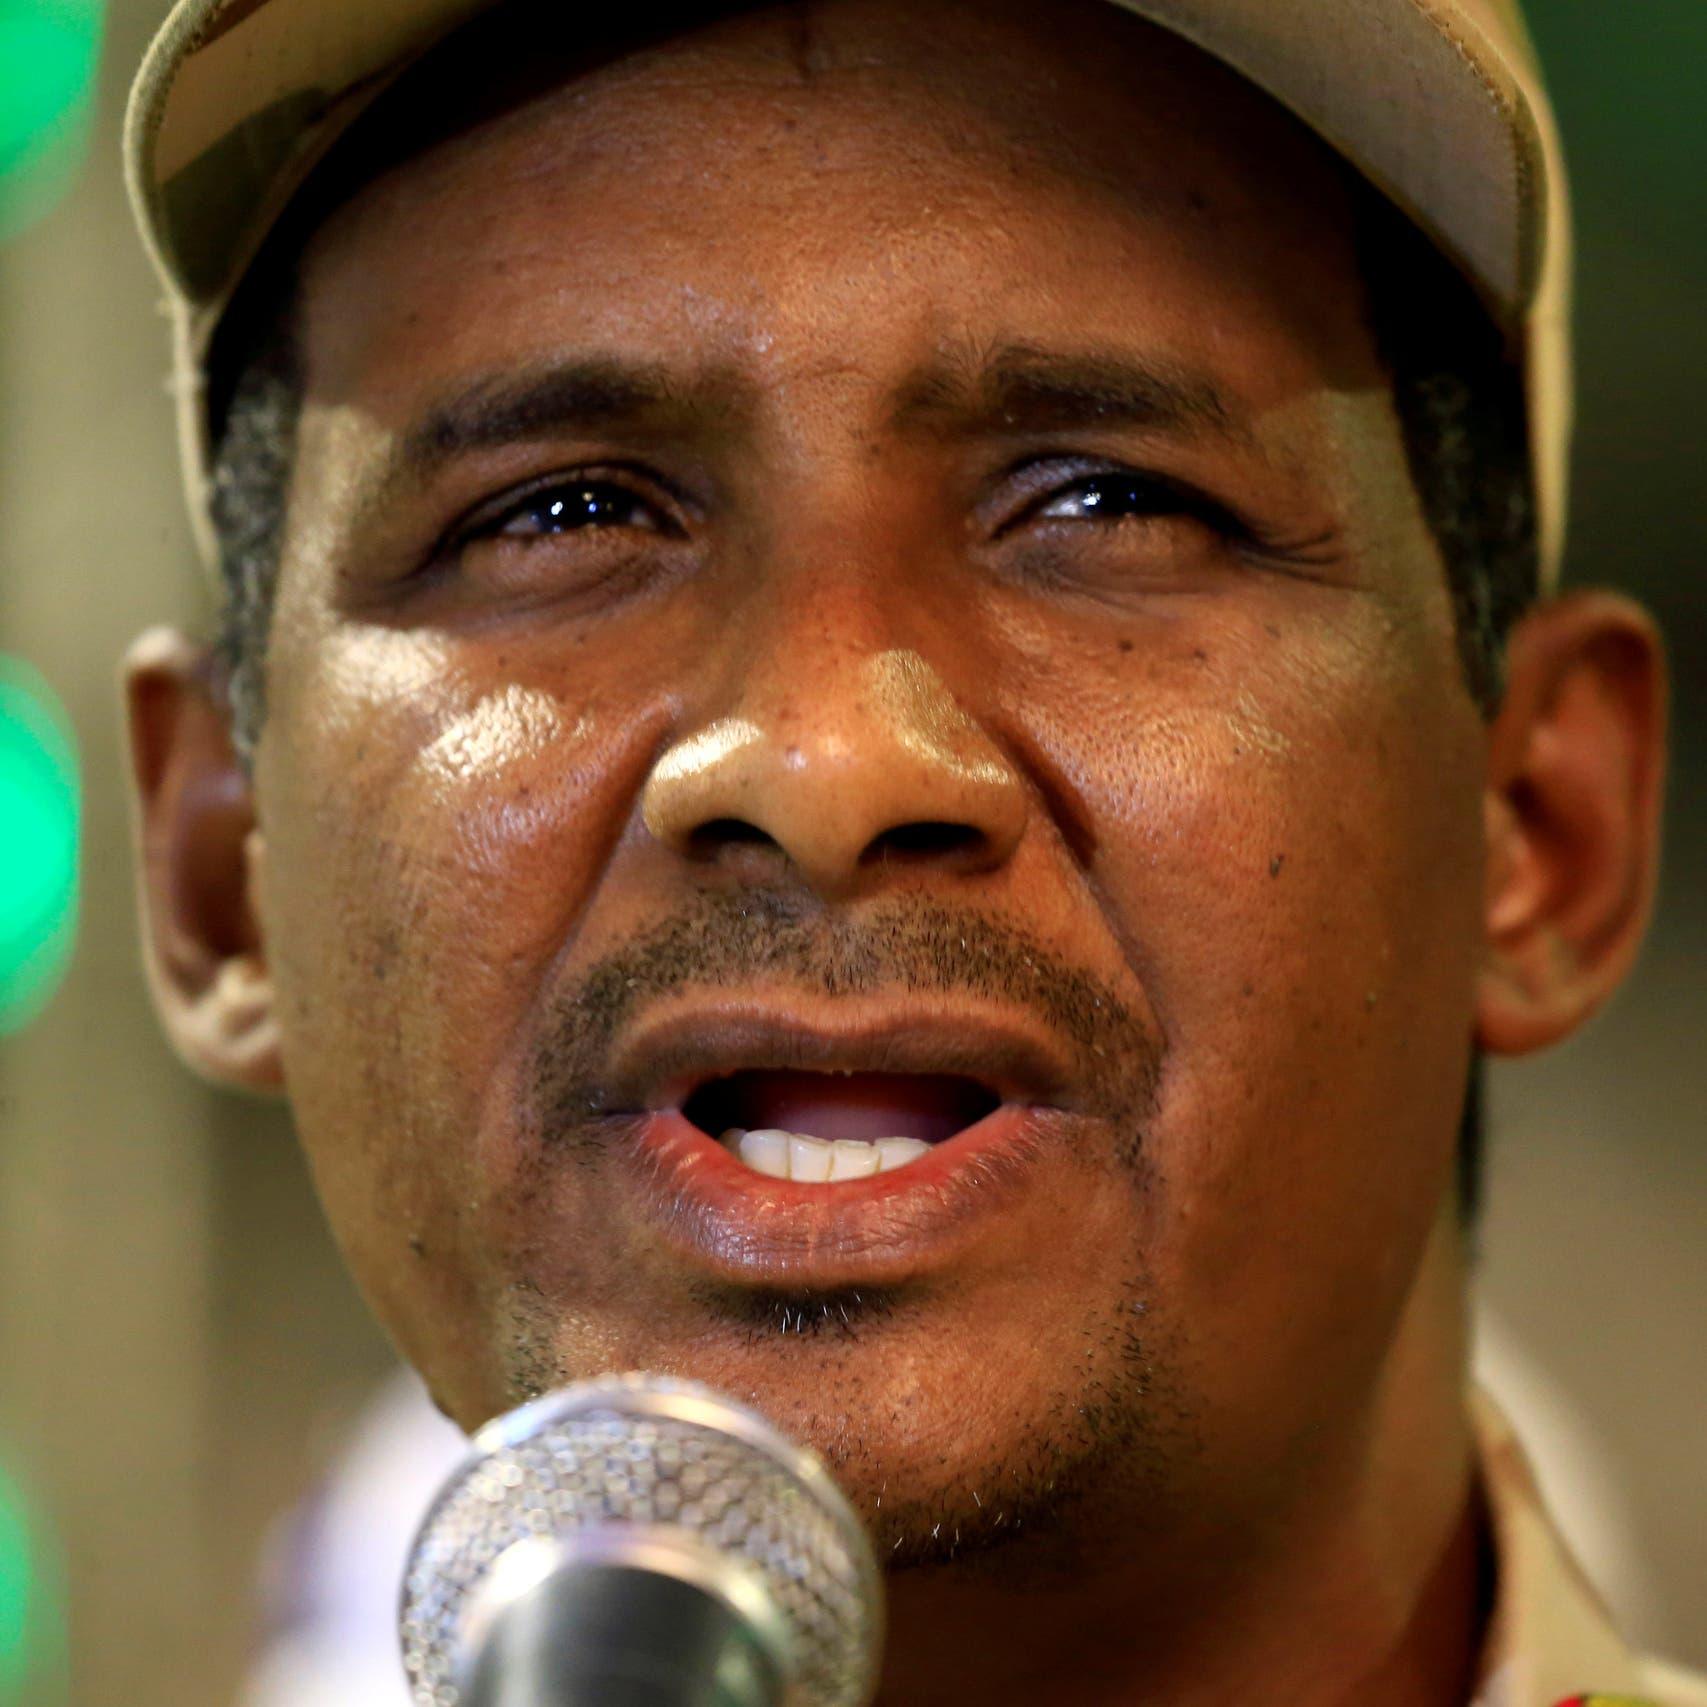 مجلس السيادة السوداني: لسنا طامعين في السلطة